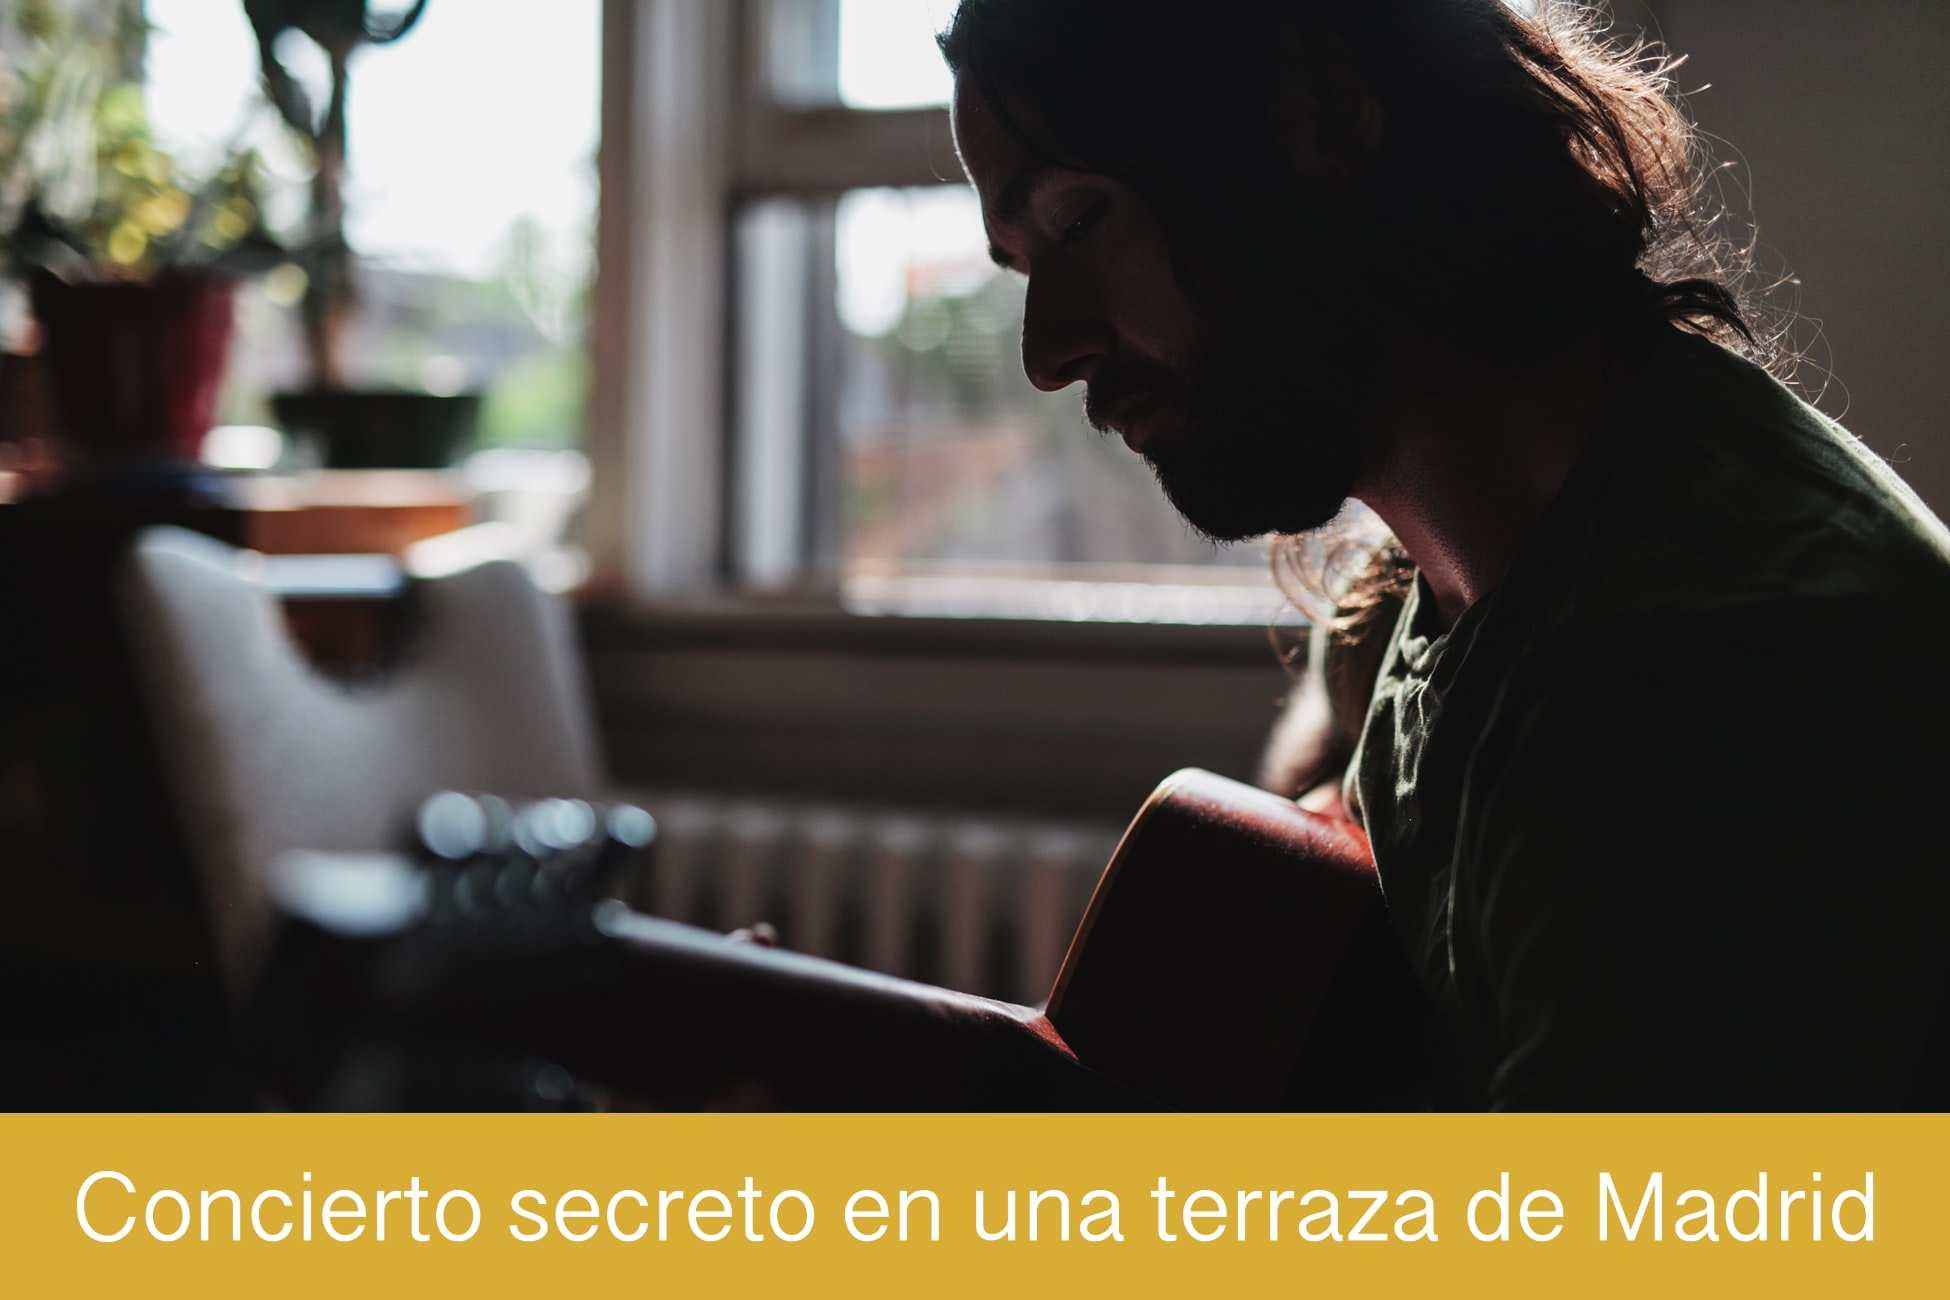 Concierto secreto en una terraza de Madrid